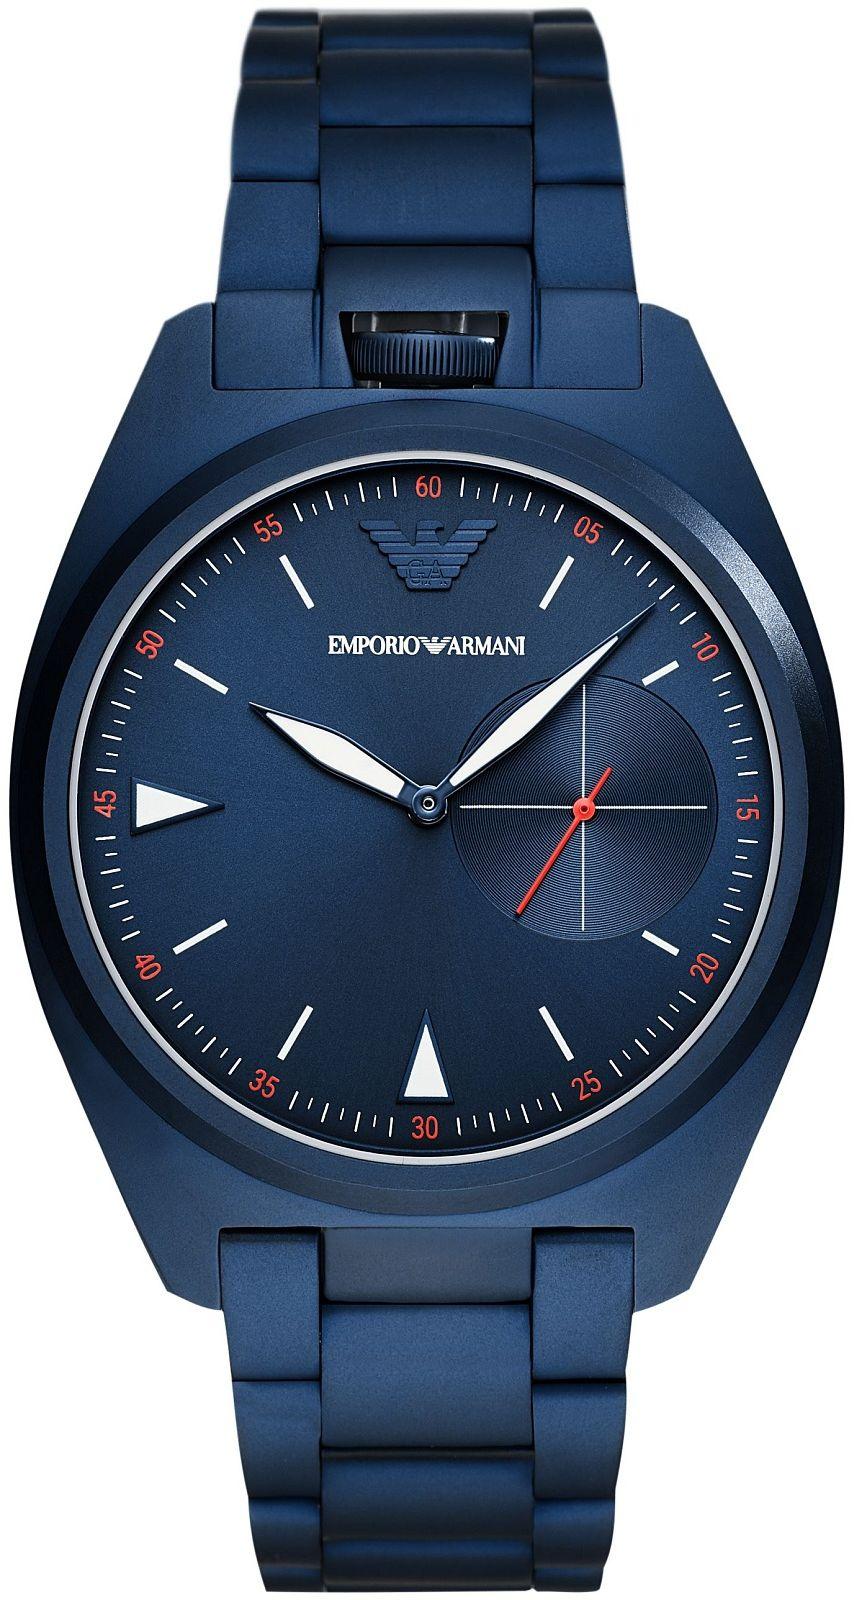 Zegarek Emporio Armani AR11309 > Wysyłka tego samego dnia Grawer 0zł Darmowa dostawa Kurierem/Inpost Darmowy zwrot przez 100 DNI